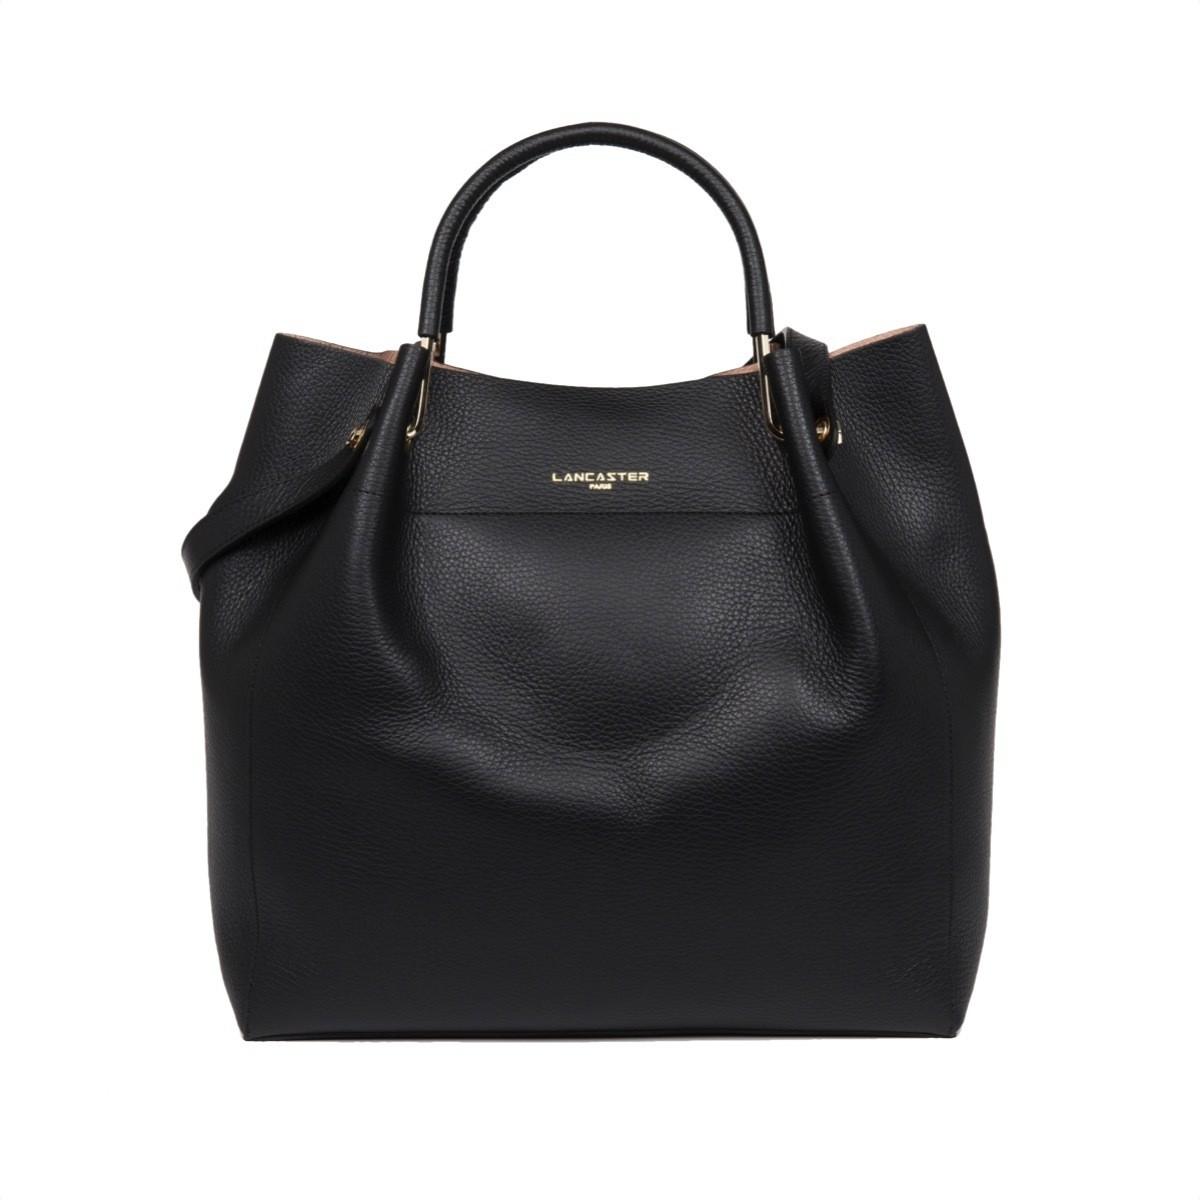 LANCASTER - Large shoulder Louisa bag - Noir/Nude